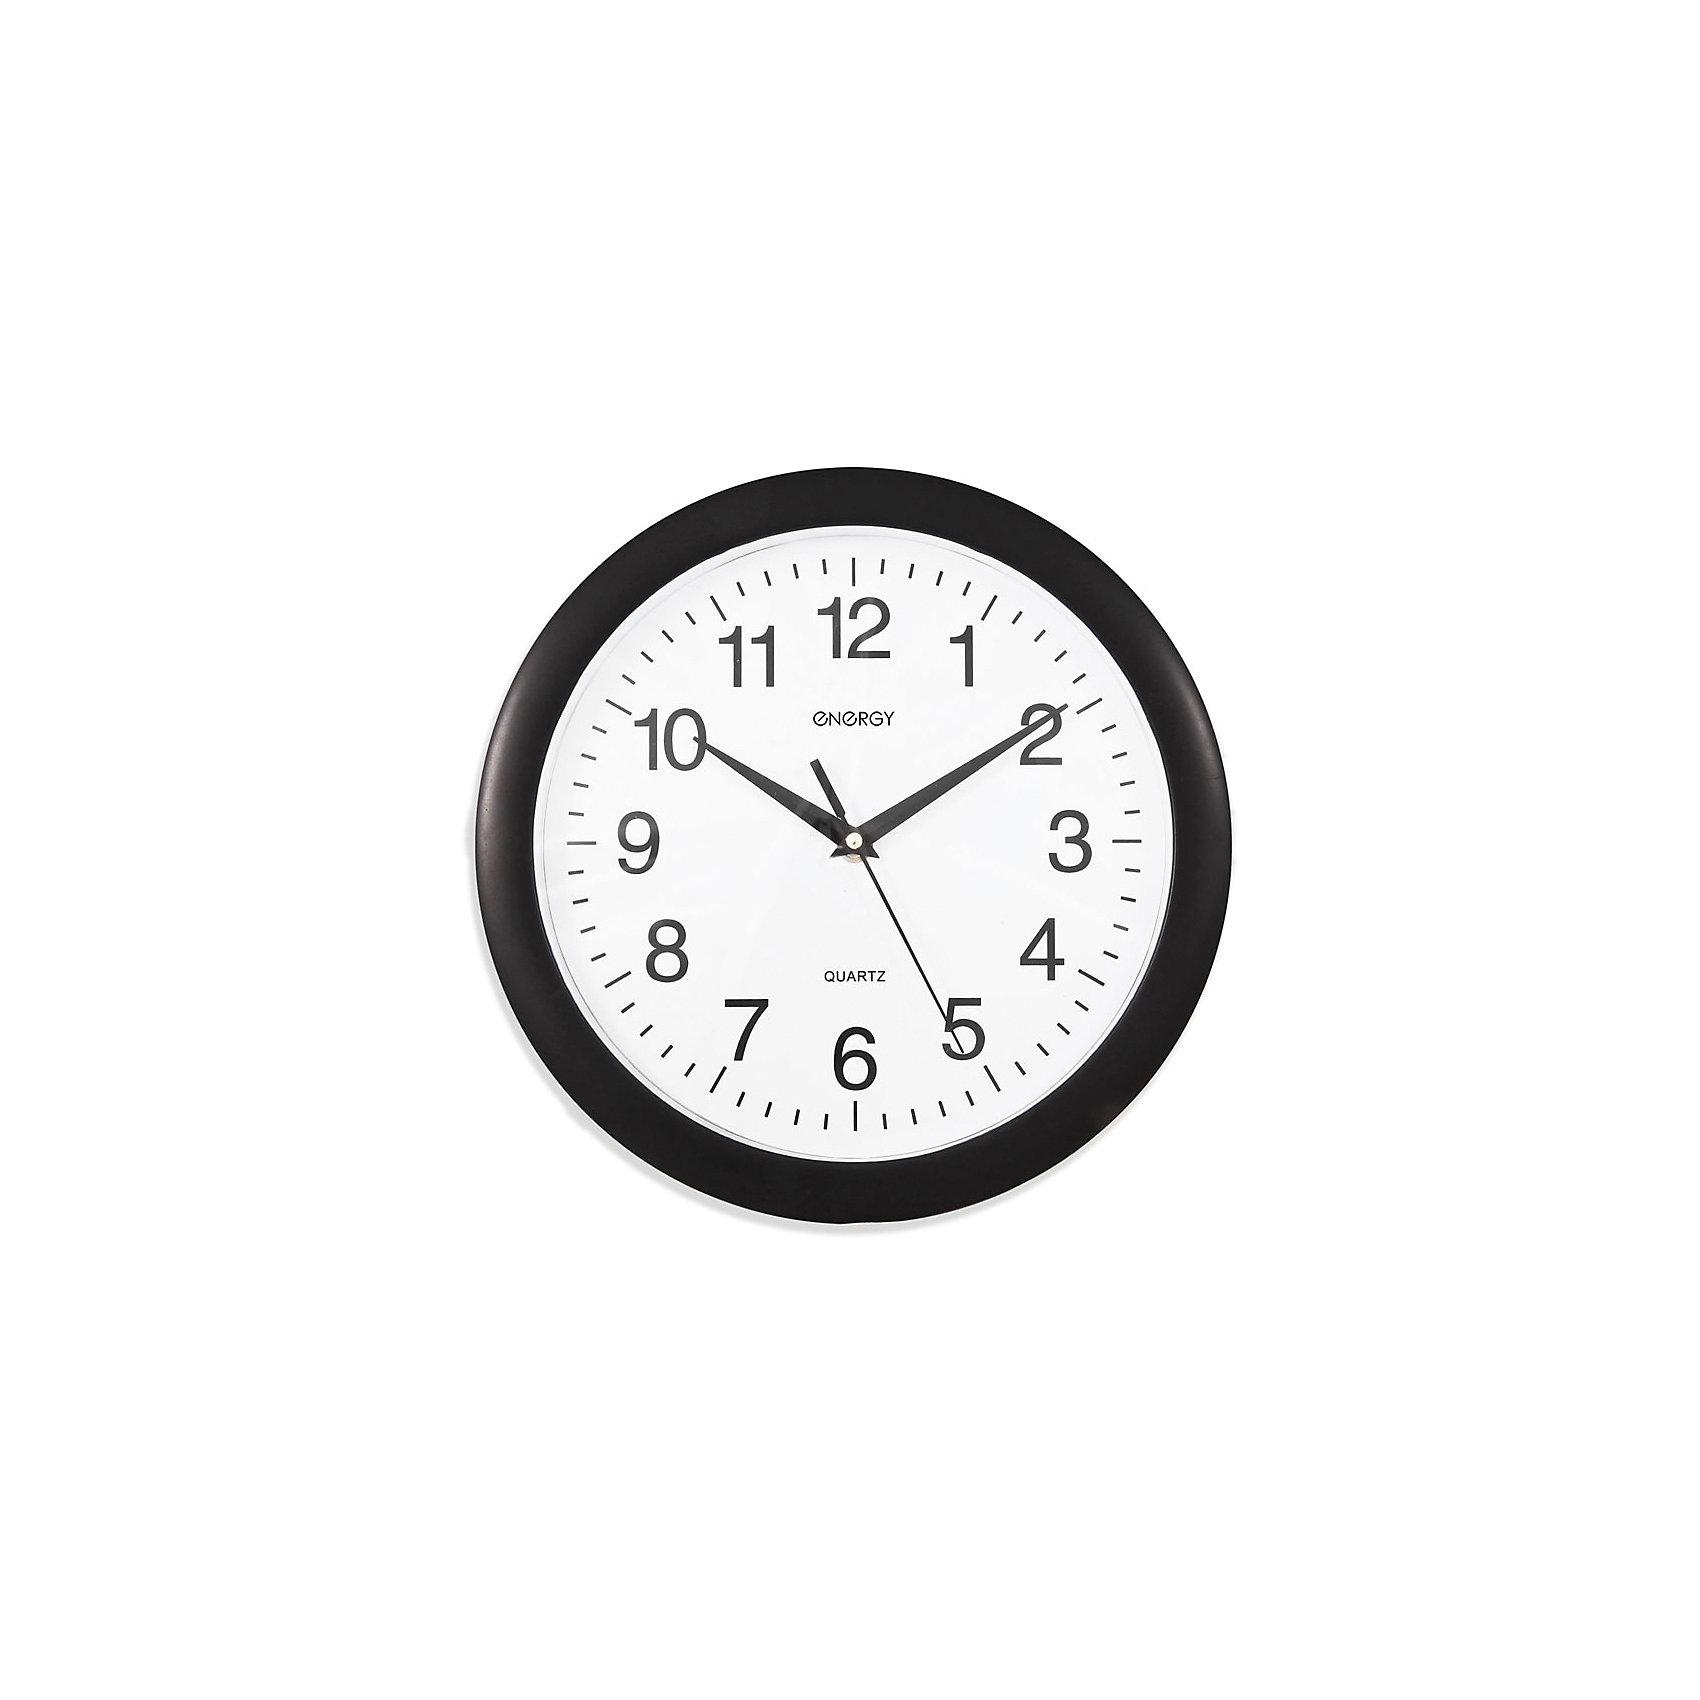 Часы настенные кварцевые ЕС-02, EnergyПредметы интерьера<br>Контролировать ход времени и точно знать, который час, вам помогут кварцевые часы Energy. Настенные часы круглой формы с крупными цифрами на циферблате оформлены в черно-белом стиле. Плавный ход часов. <br><br>Дополнительная информация:<br><br>Размер: 28х28 см <br><br>Материал корпуса: пластик<br><br>Напряжение: 1.5В<br><br>Для работы настенных часов требуется приобрести батарейки: 1 шт. типа АА<br><br>Часы настенные кварцевые ЕС-02, Energy можно купить в нашем интернет-магазине.<br><br>Ширина мм: 280<br>Глубина мм: 400<br>Высота мм: 280<br>Вес г: 536<br>Возраст от месяцев: 36<br>Возраст до месяцев: 1080<br>Пол: Унисекс<br>Возраст: Детский<br>SKU: 4989890